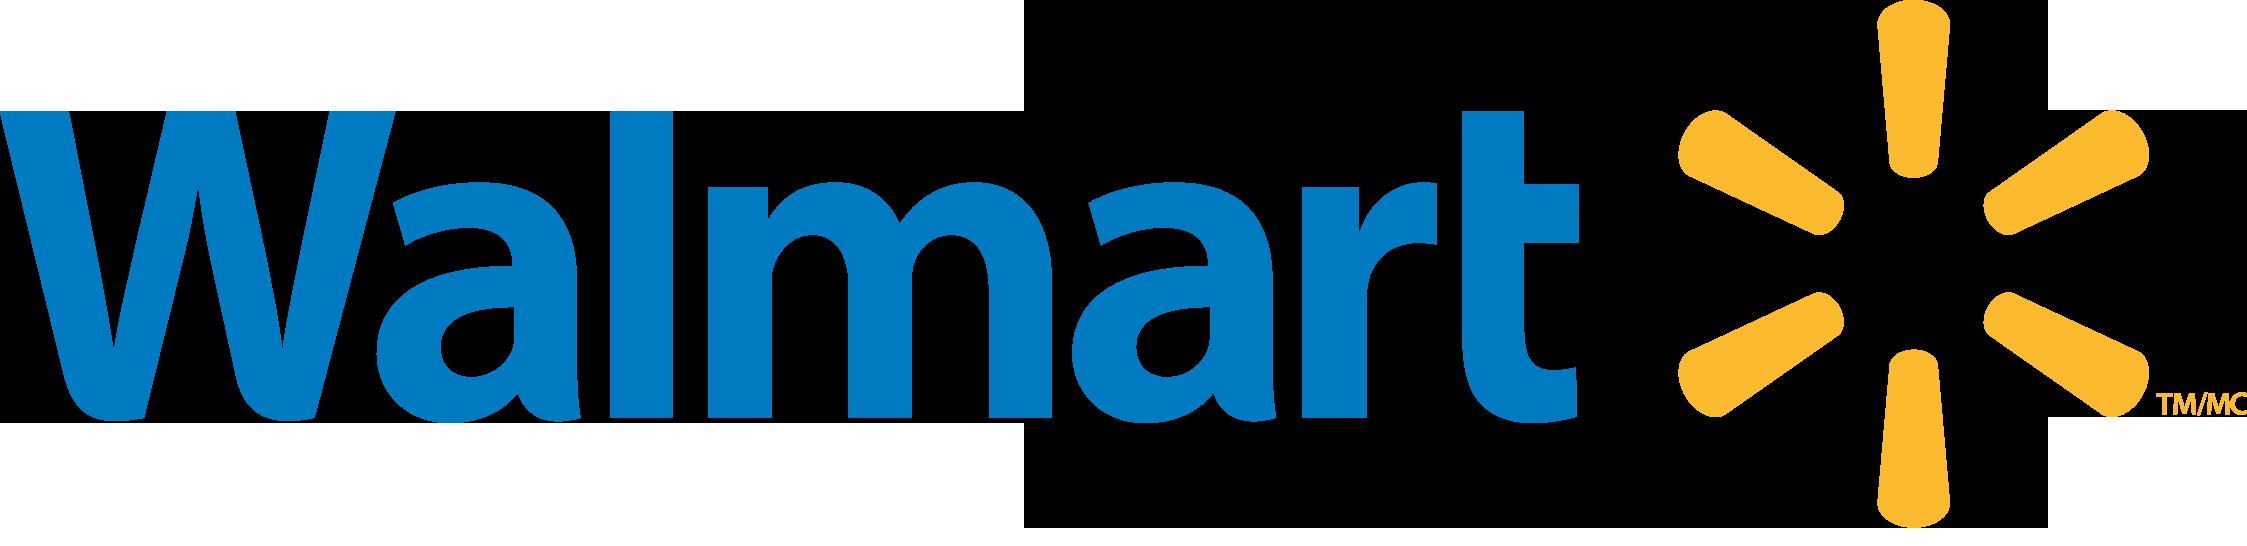 Walmart-wsparkTM-(1)